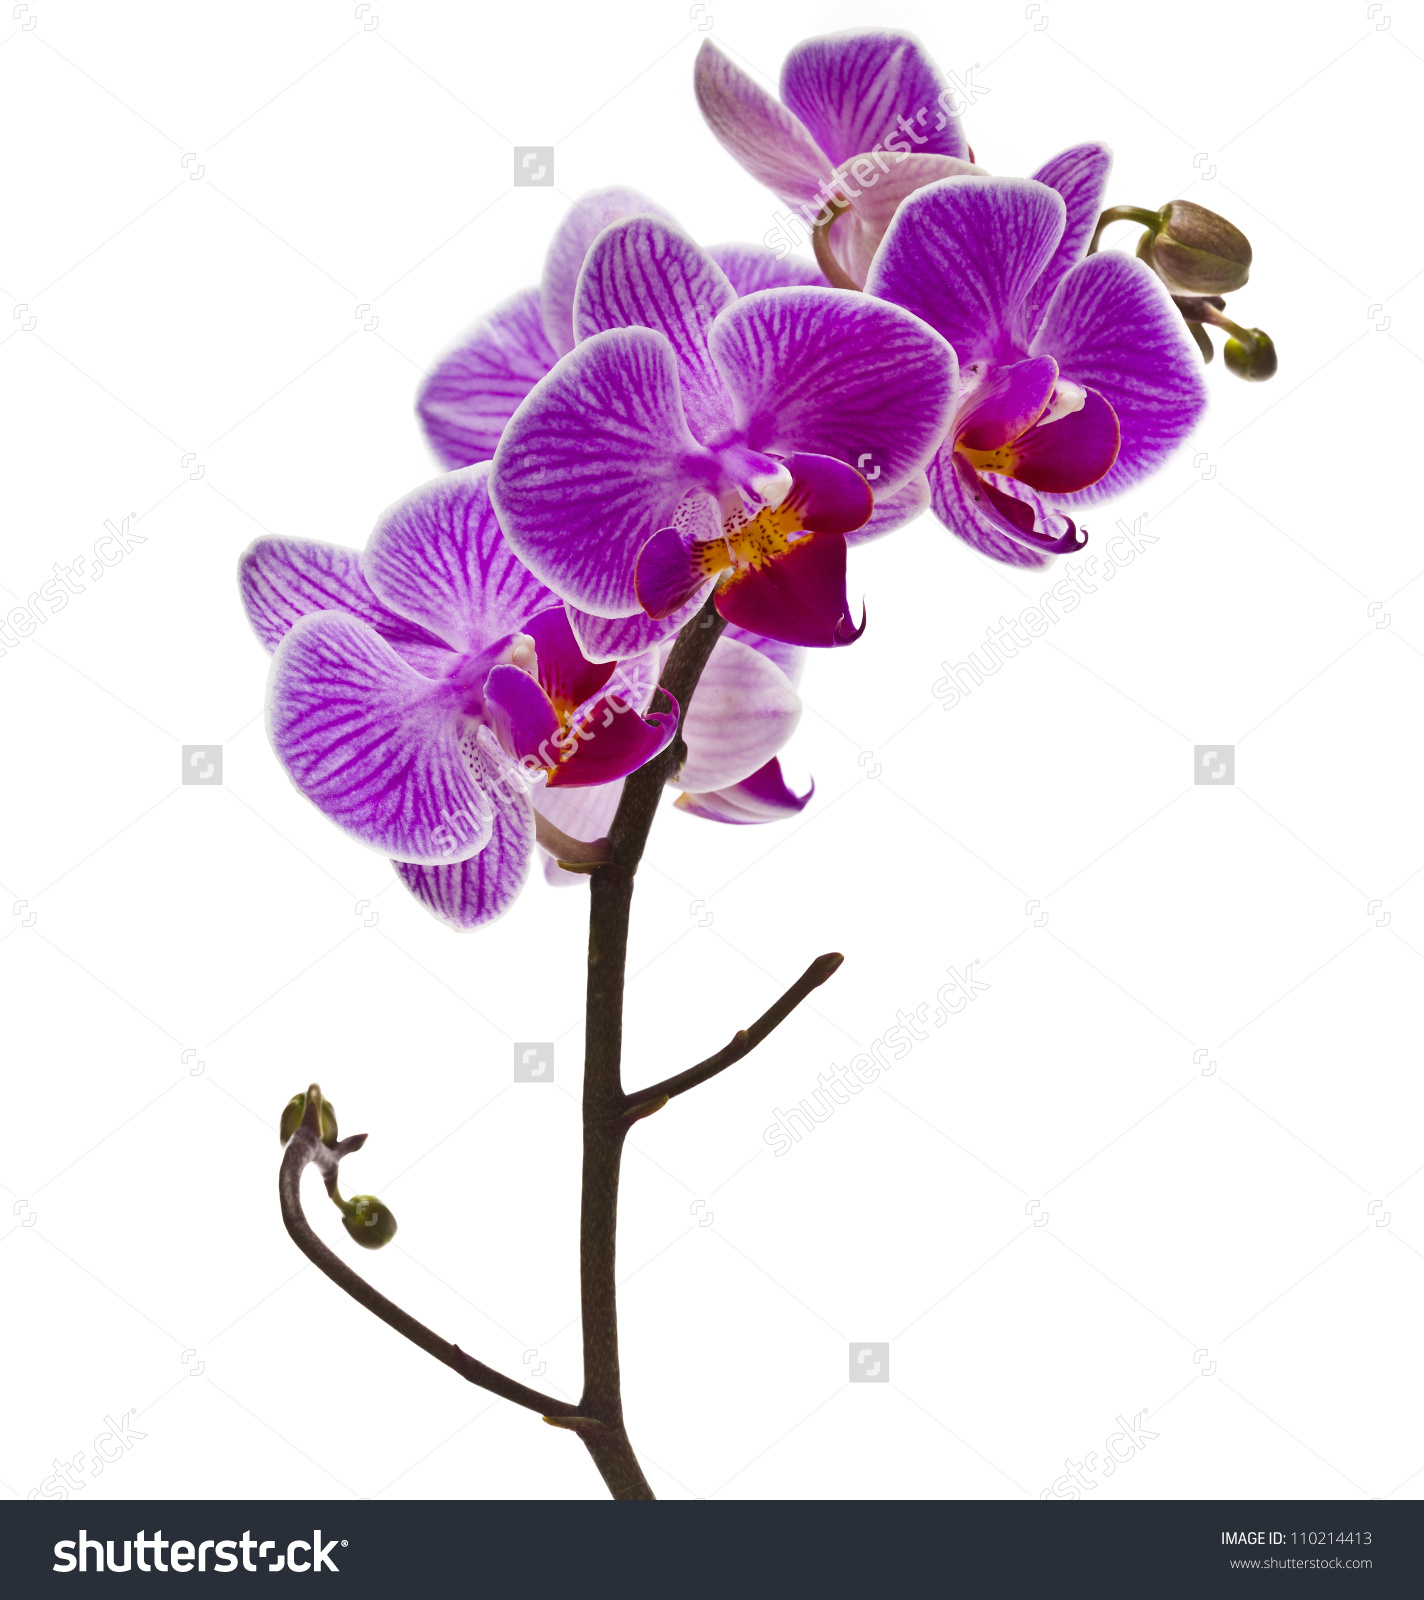 habrumalas: Purple Orchid Clipart Images.